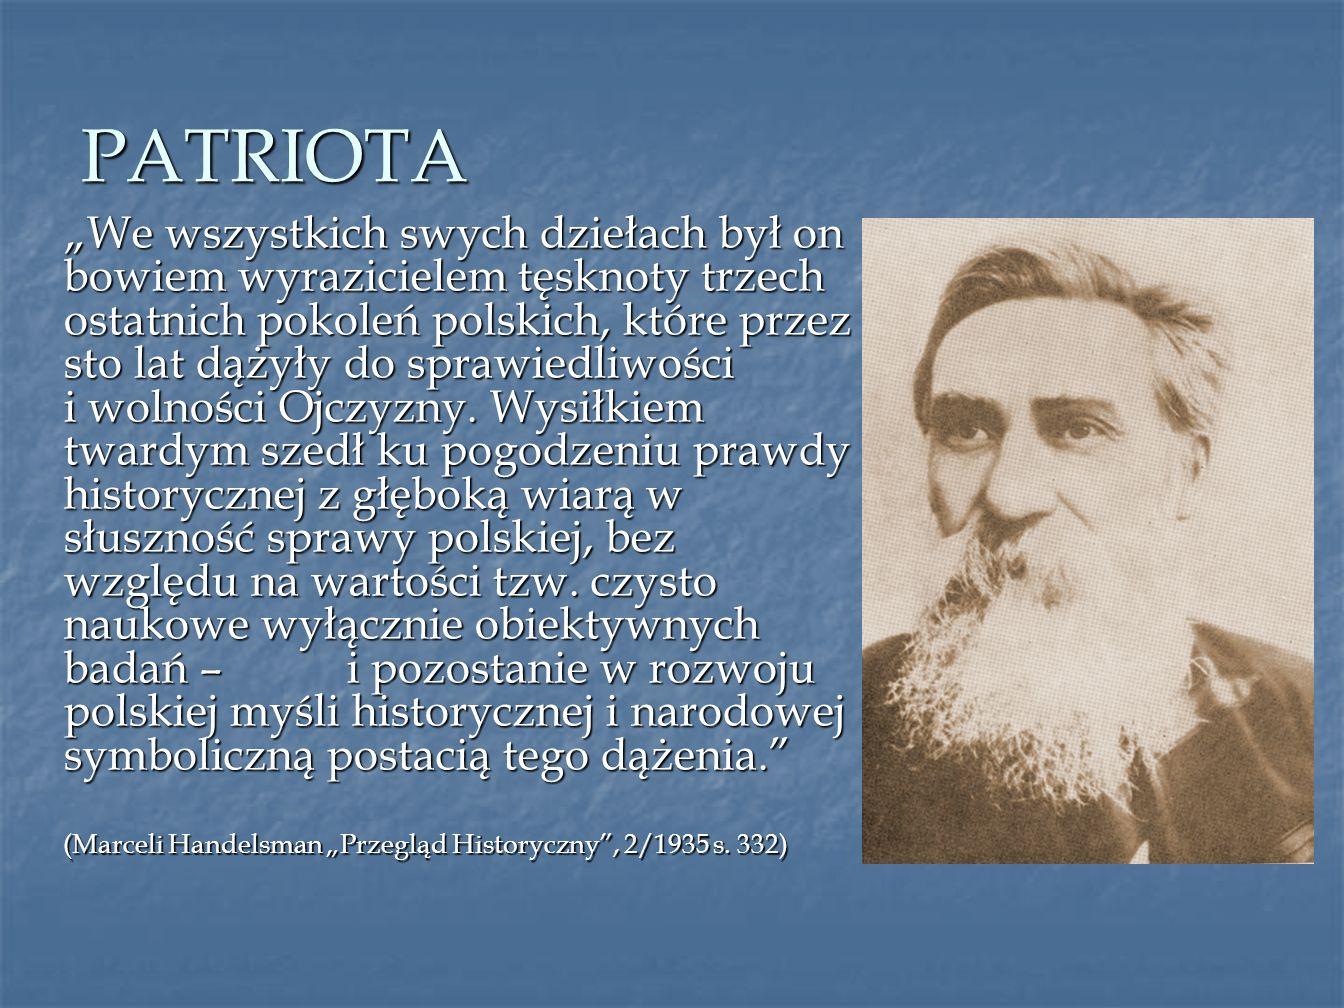 """PATRIOTA (Marceli Handelsman """"Przegląd Historyczny , 2/1935 s. 332)"""